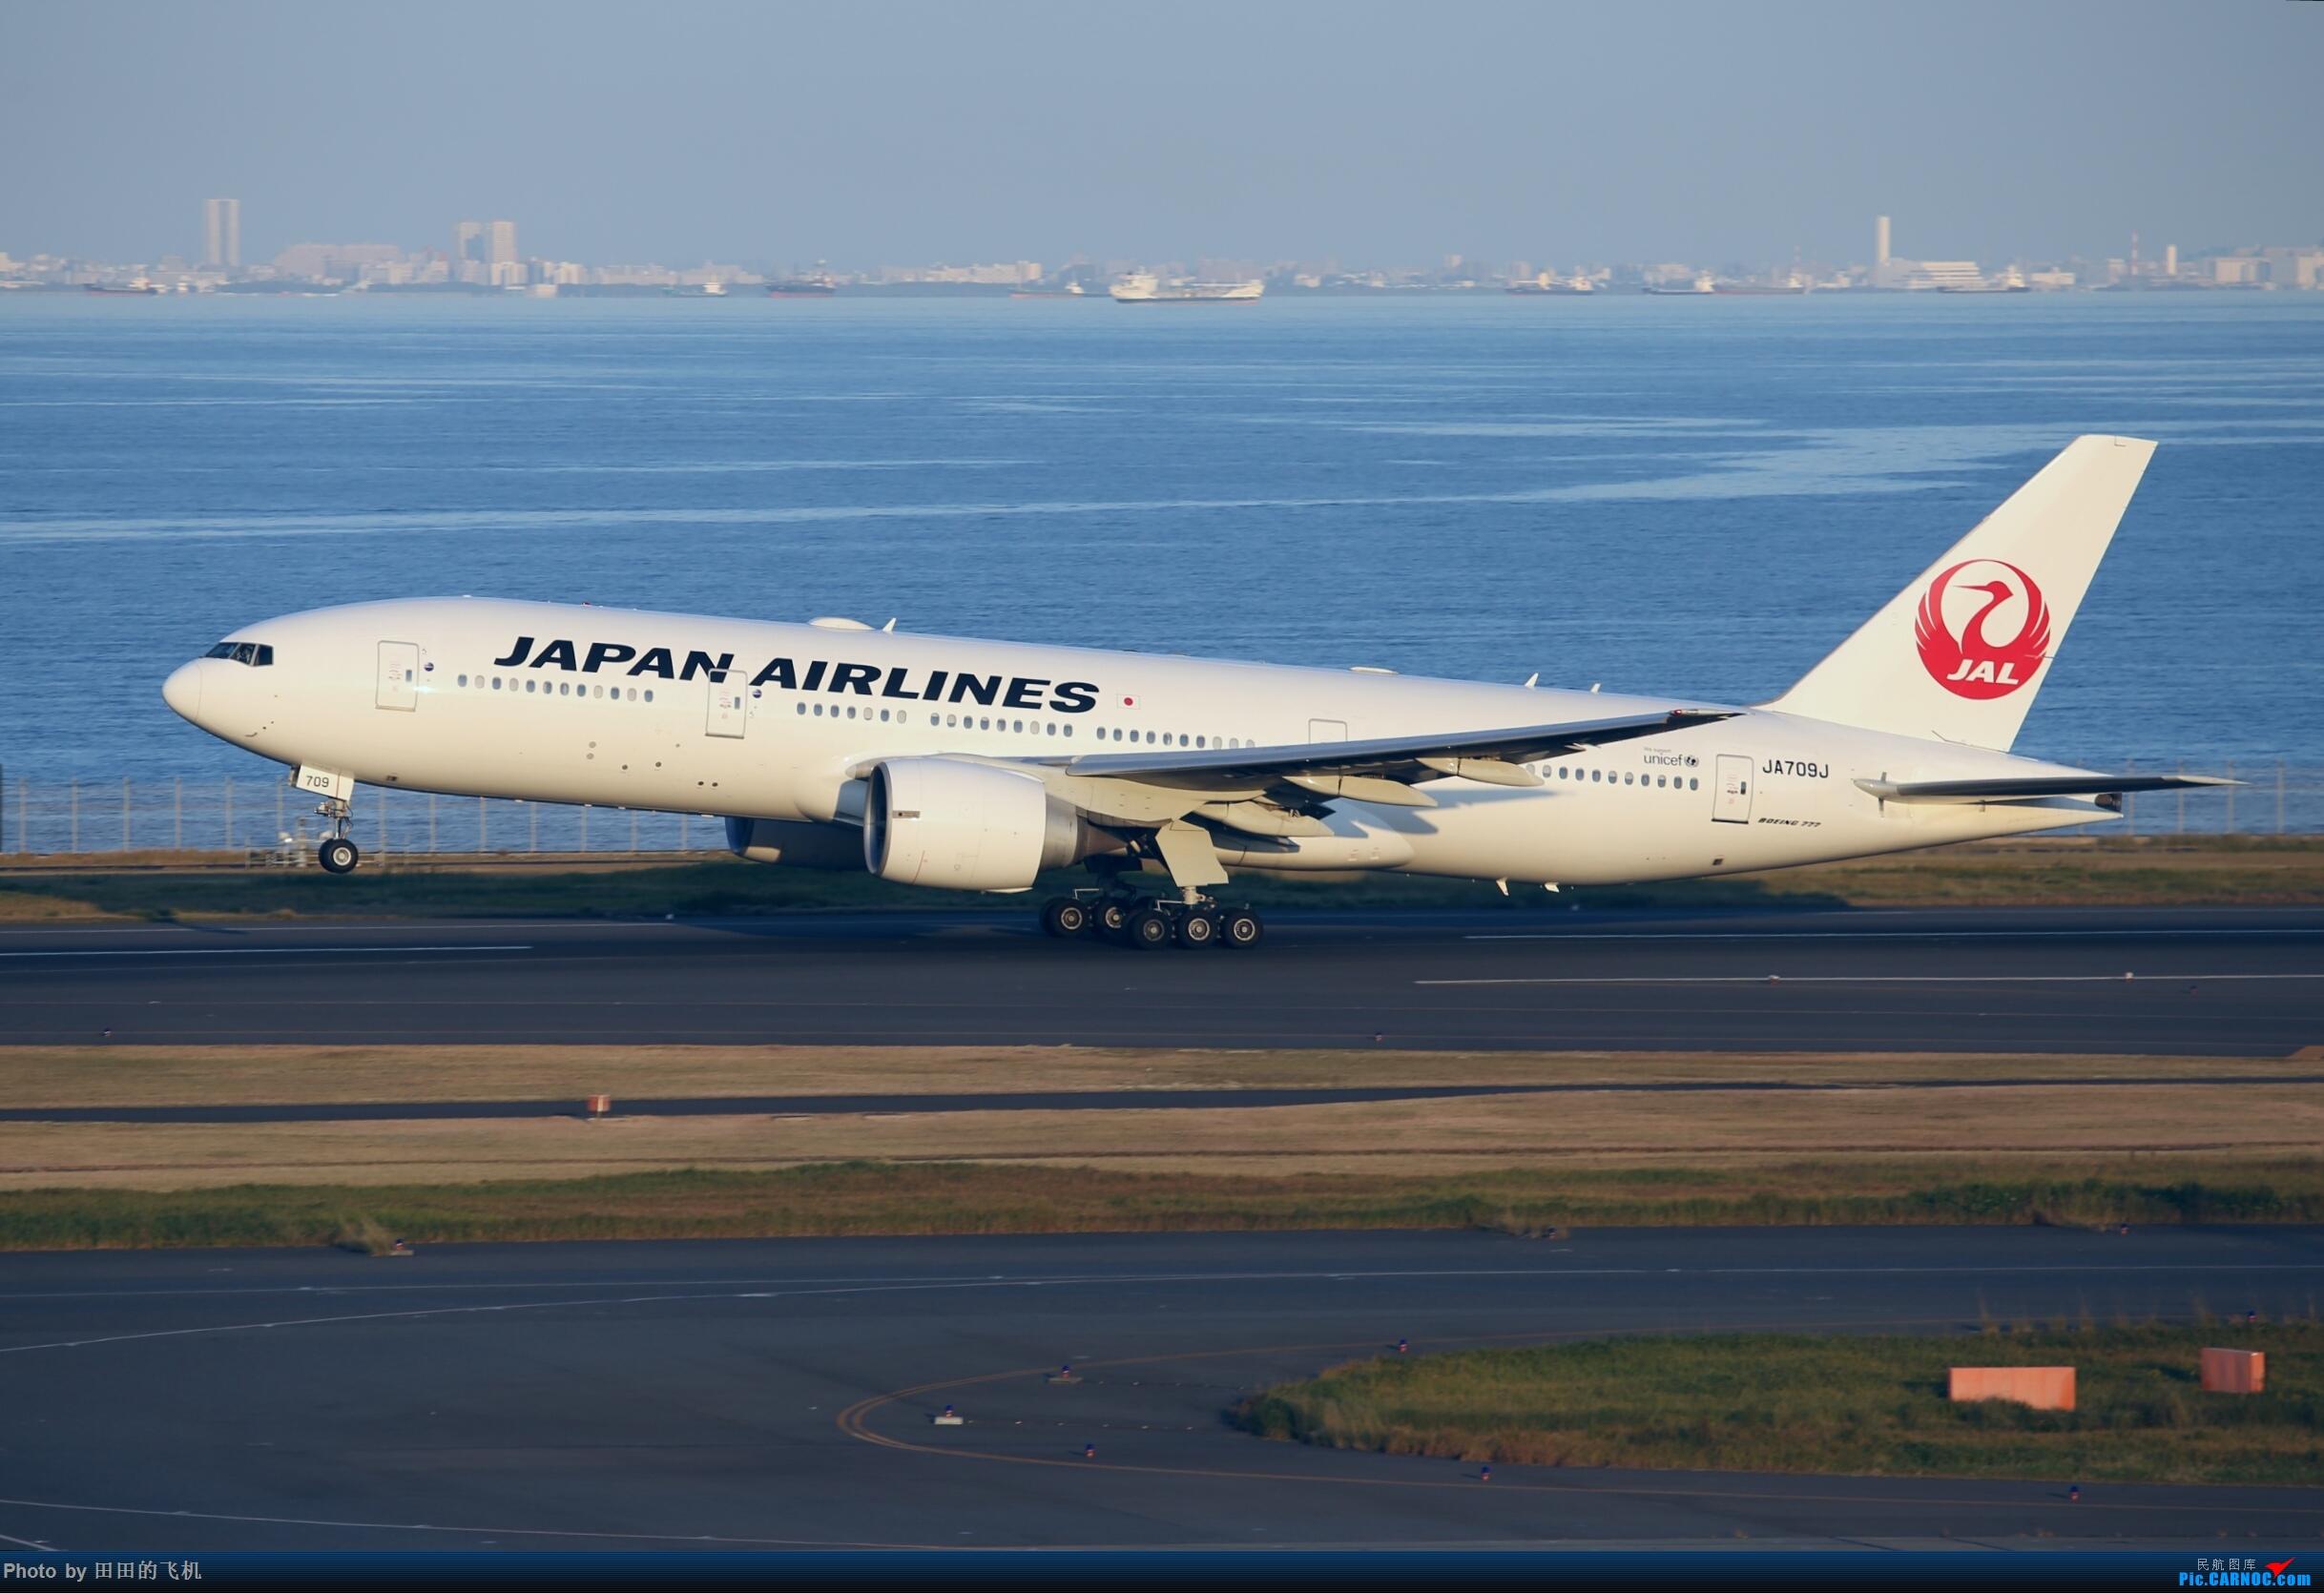 [原创]整理一下去年东京羽田机场拍的飞机 777-200 JA709J 东京羽田机场